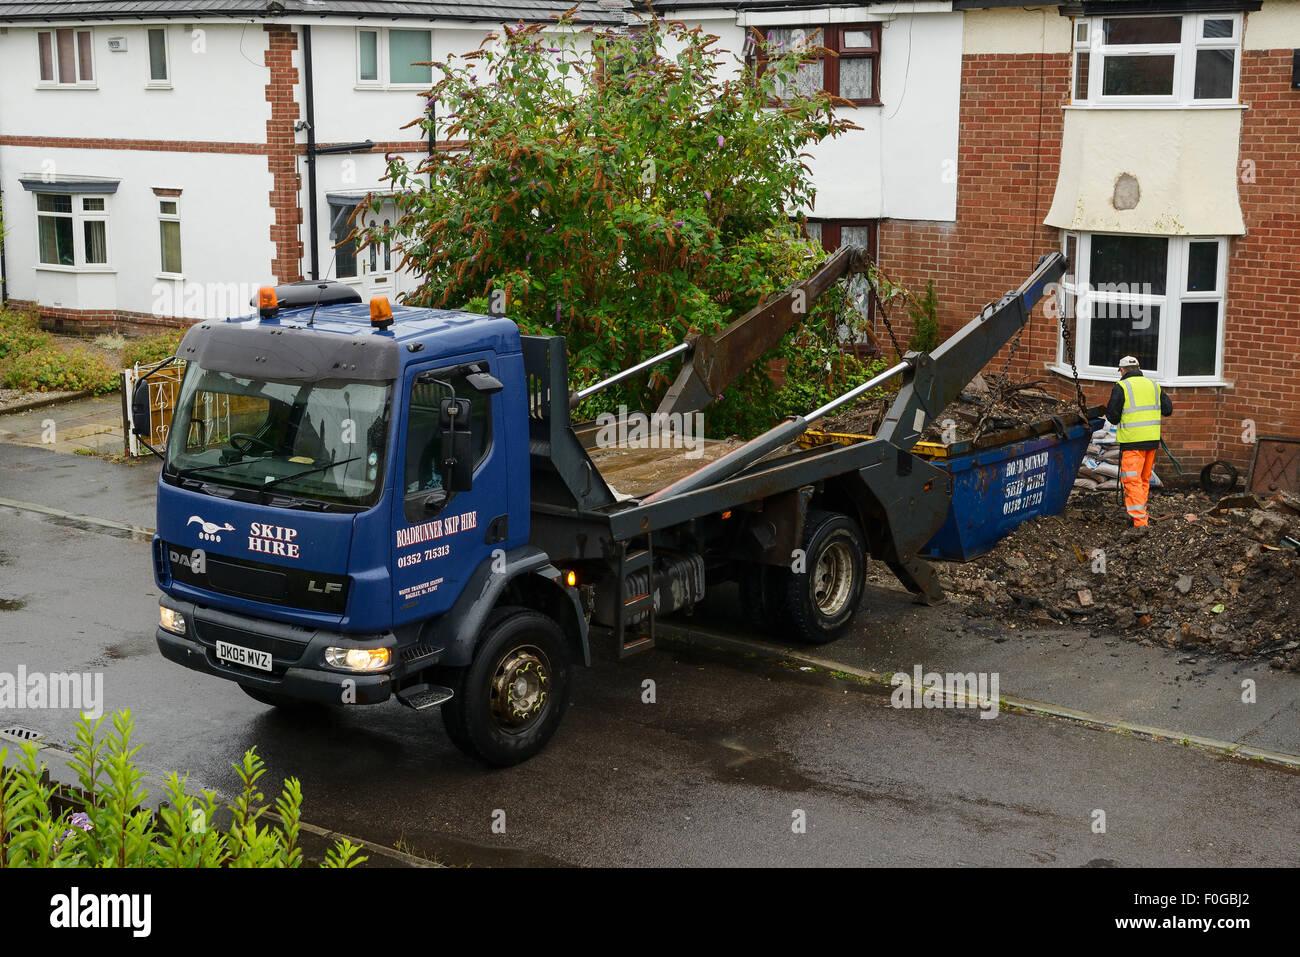 La perception d'un véhicule aller de l'avant jardin d'une maison Photo Stock